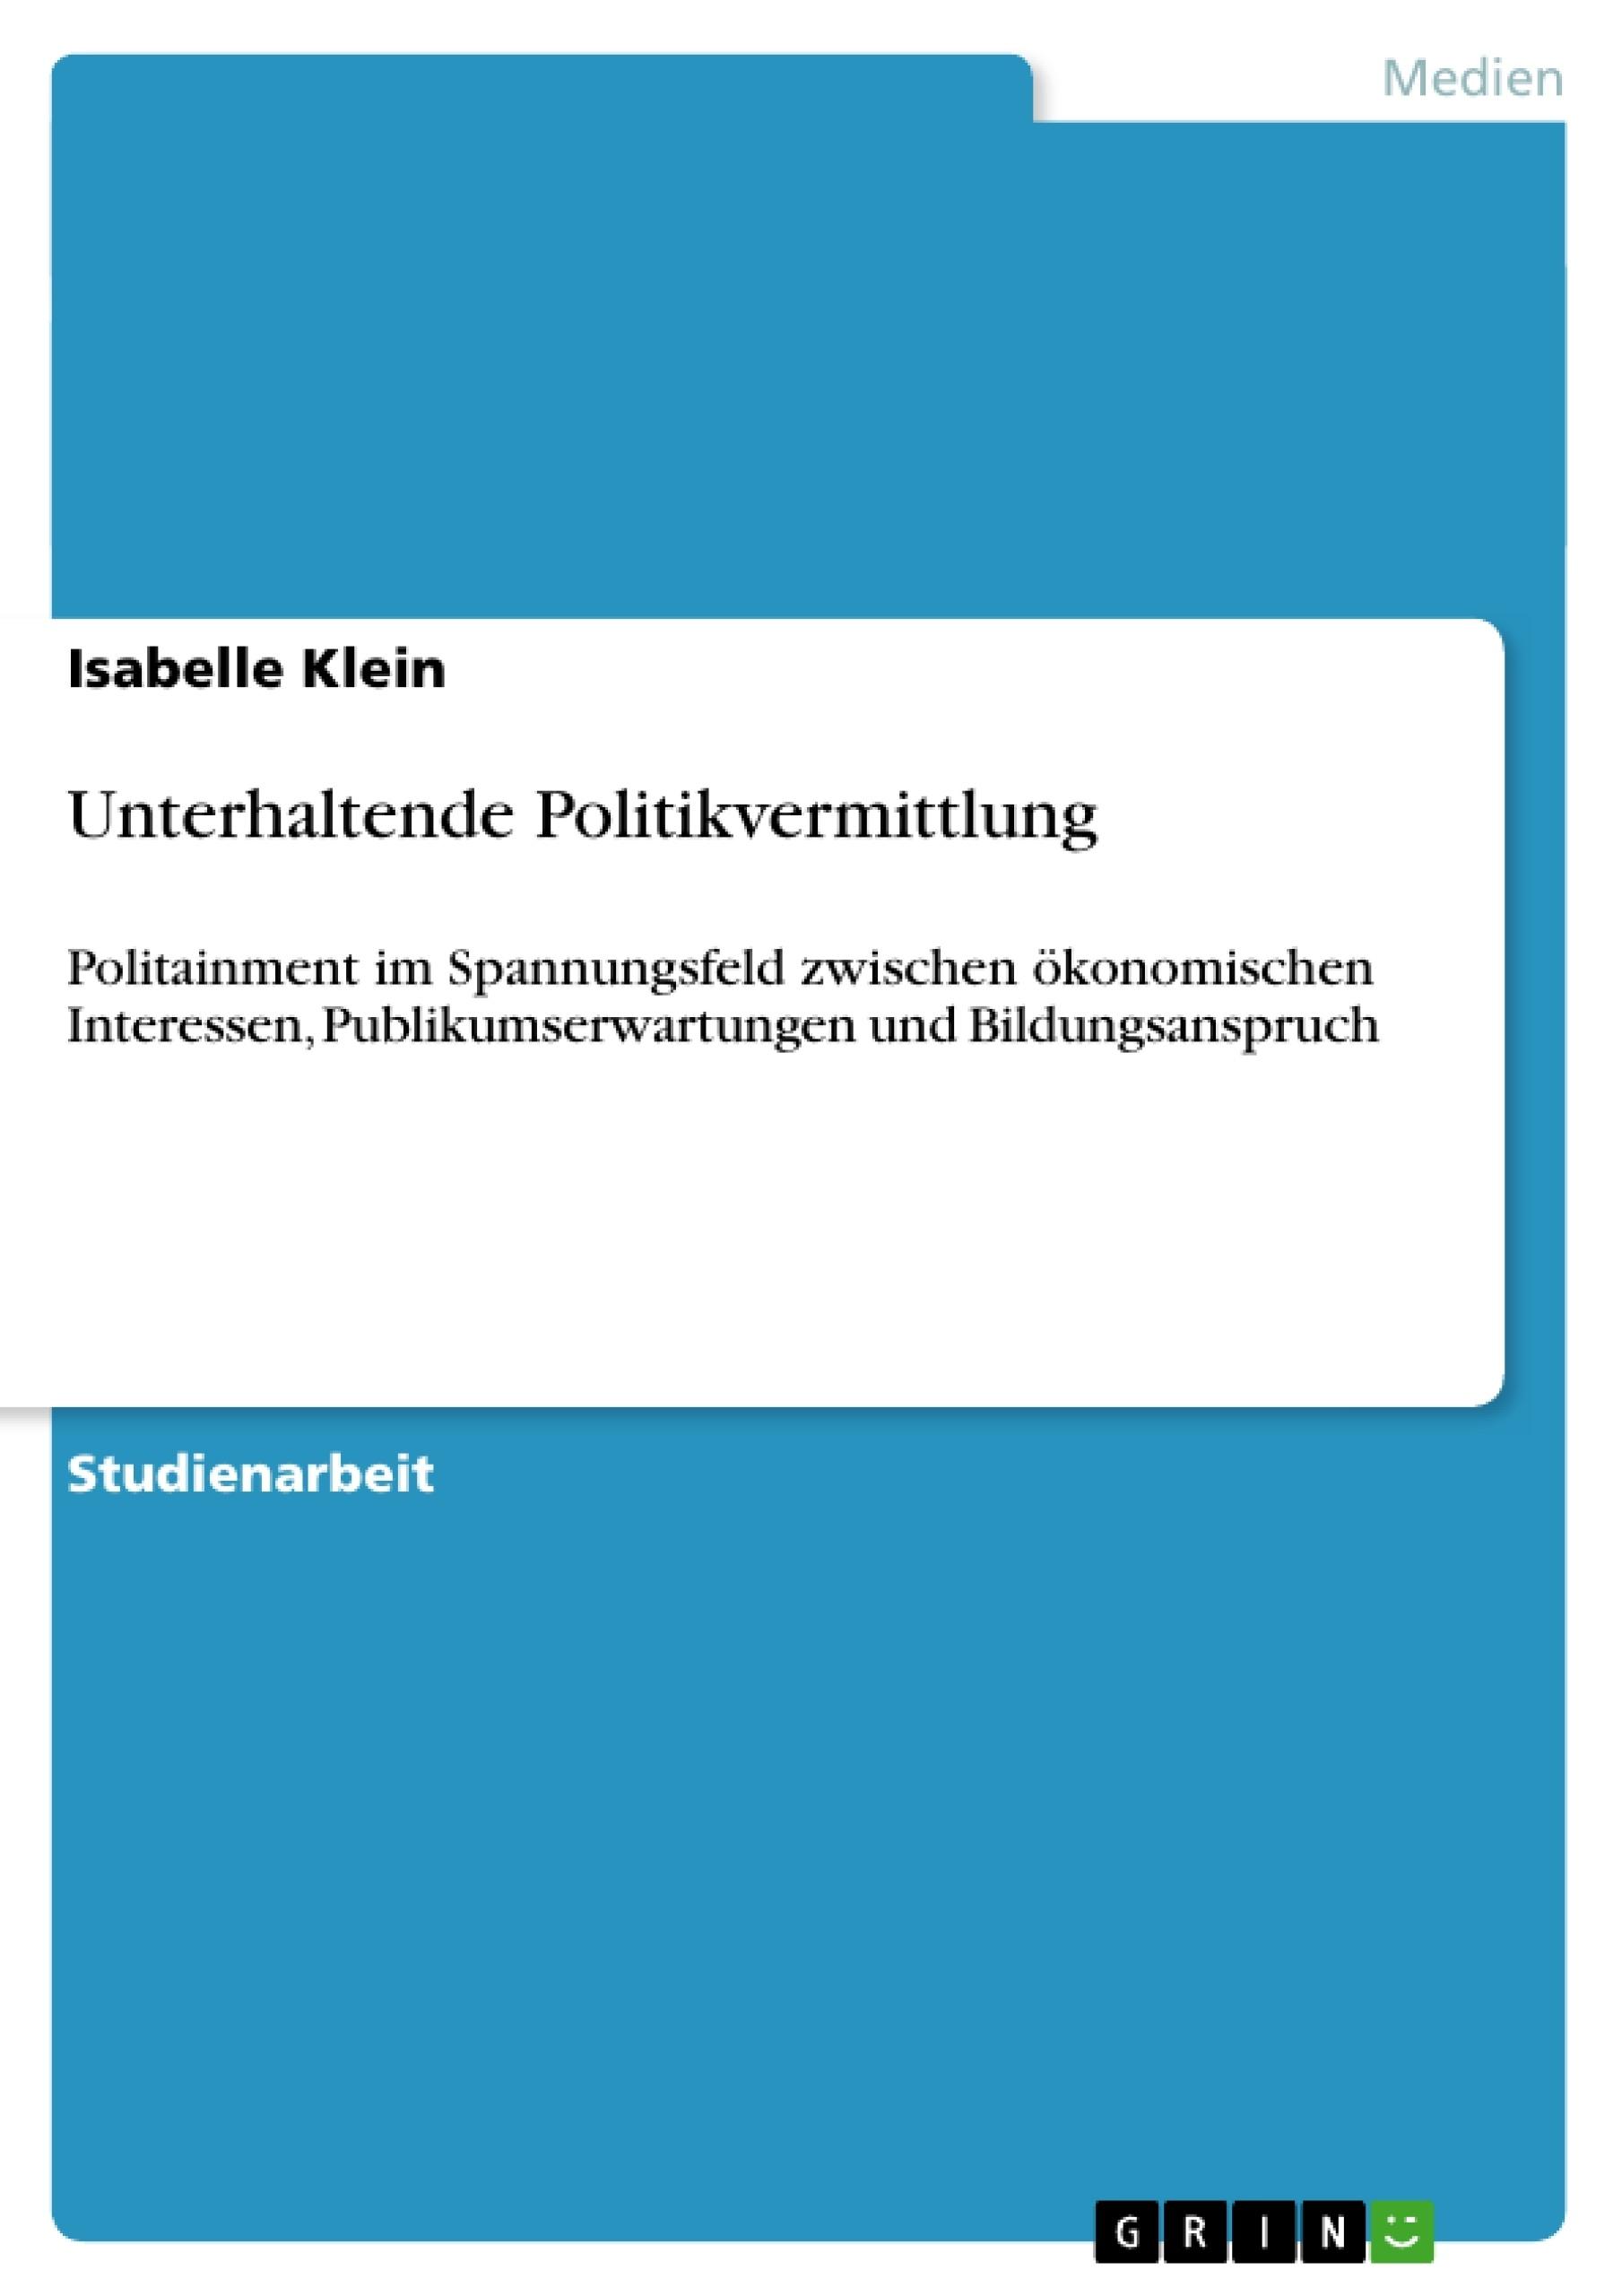 Titel: Unterhaltende Politikvermittlung